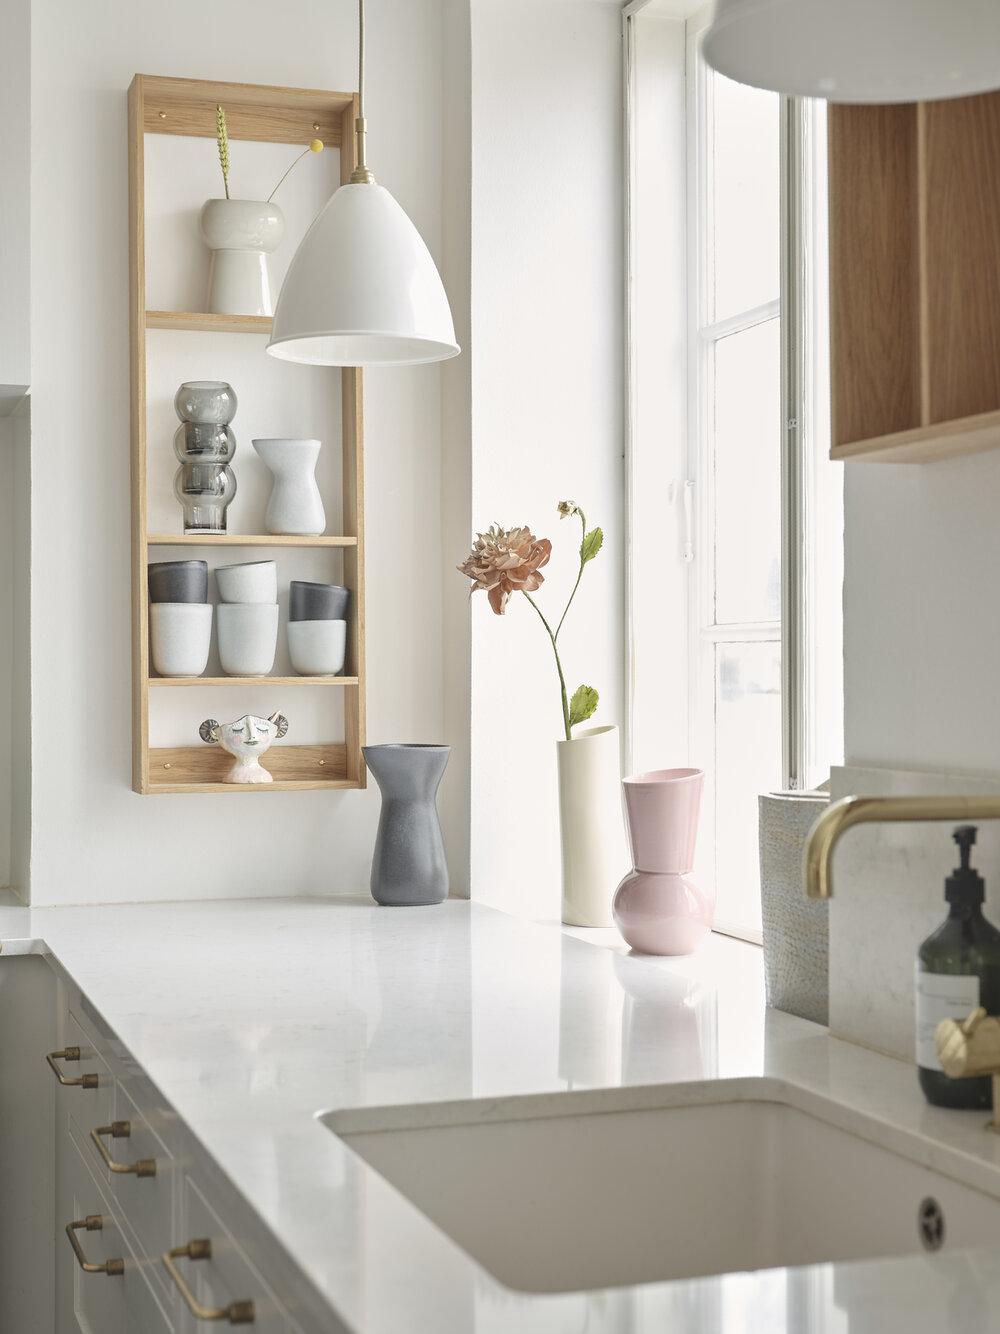 RoCollection_kitchen_tableware_ovalvase.jpg